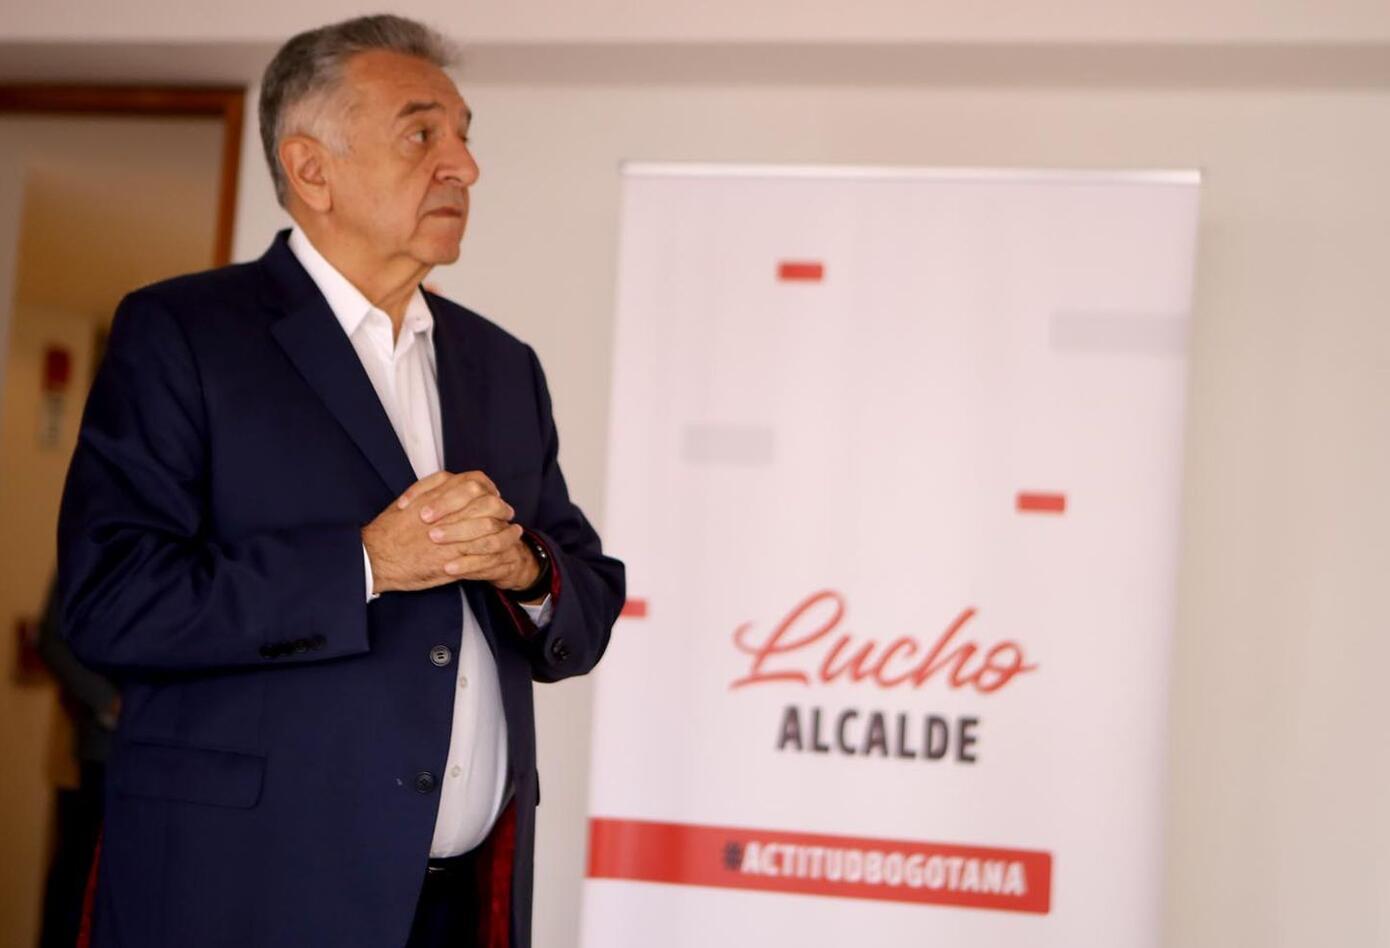 En rueda de prensa este miércoles, Lucho Garzón anunció oficialmente su candidatura a la Alcaldía de Bogotá por el movimiento 'Actitud Bogotana'.